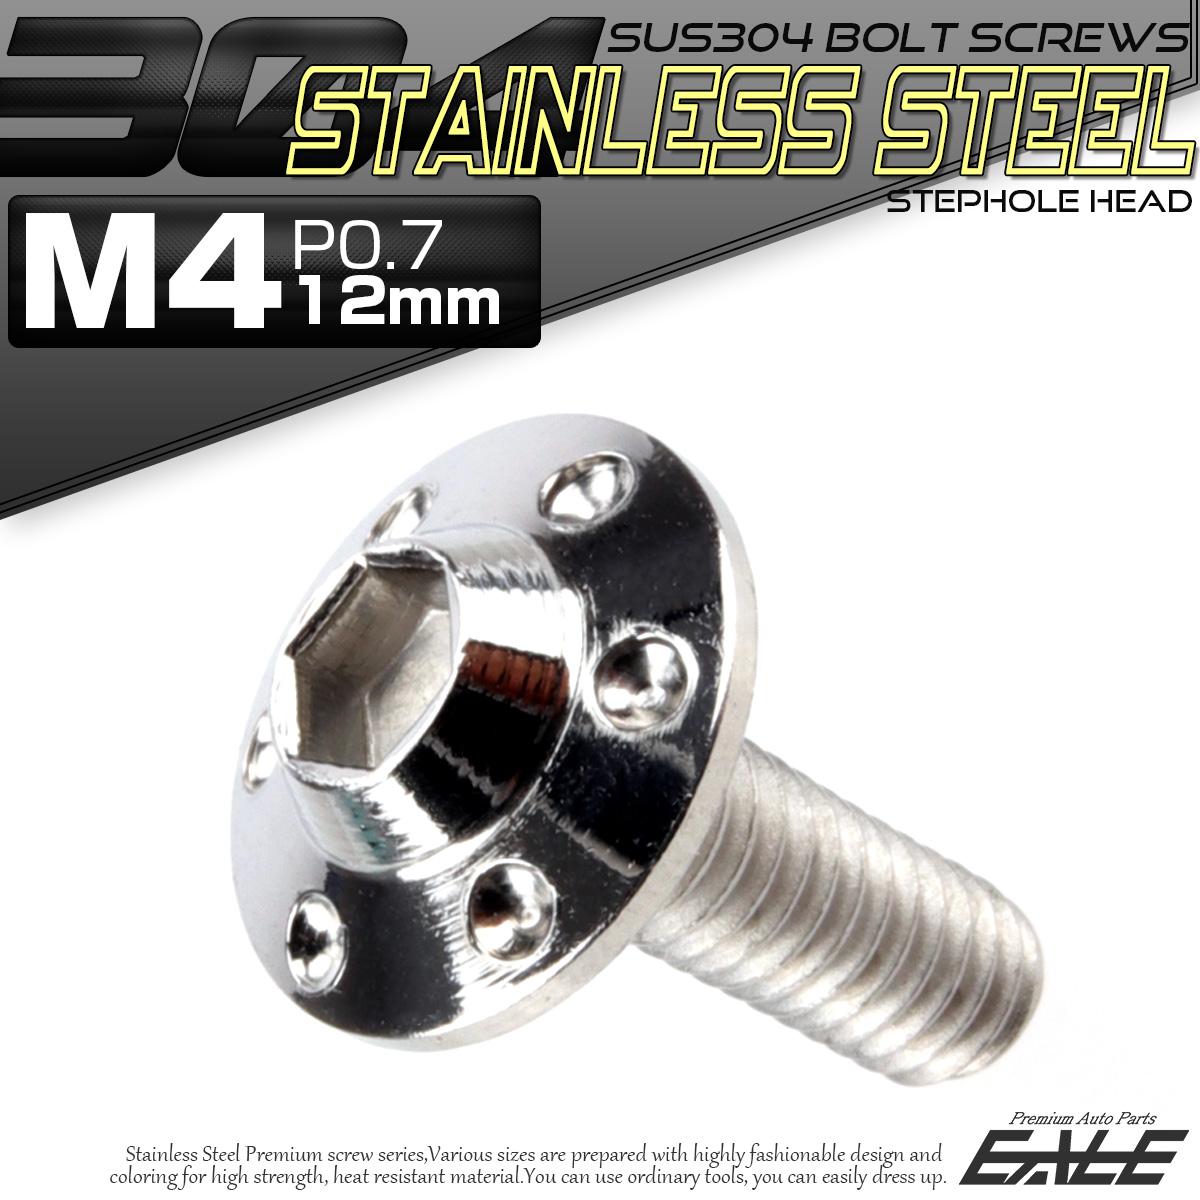 【ネコポス可】 SUS304 フランジ付 ボタンボルト M4×12mm P0.7 六角穴  シルバー ステップホールヘッド ステンレス製 TR0169